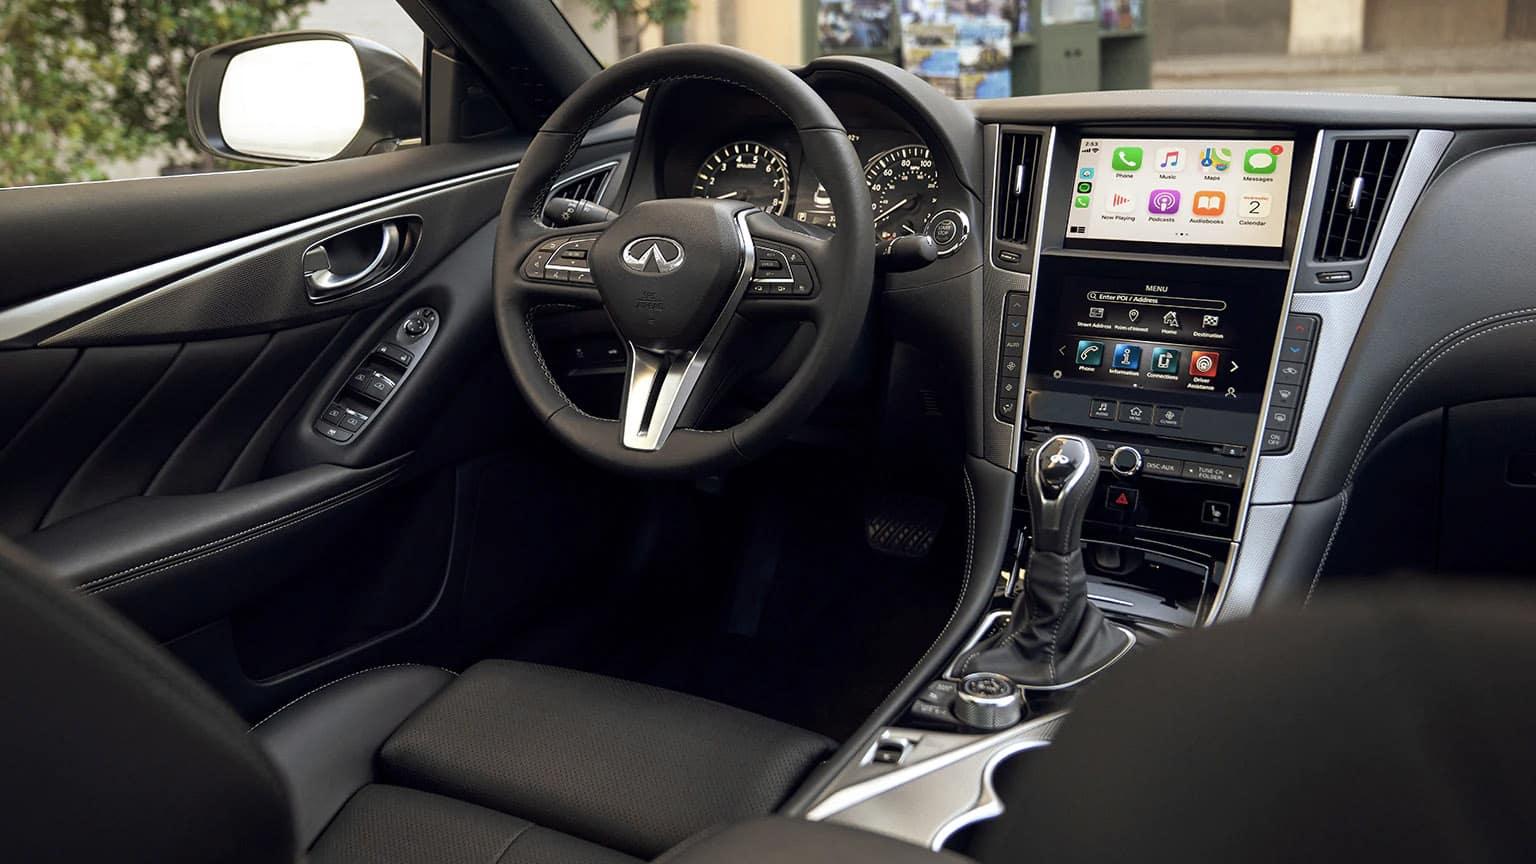 2020 INFINITI Q50 interior seating